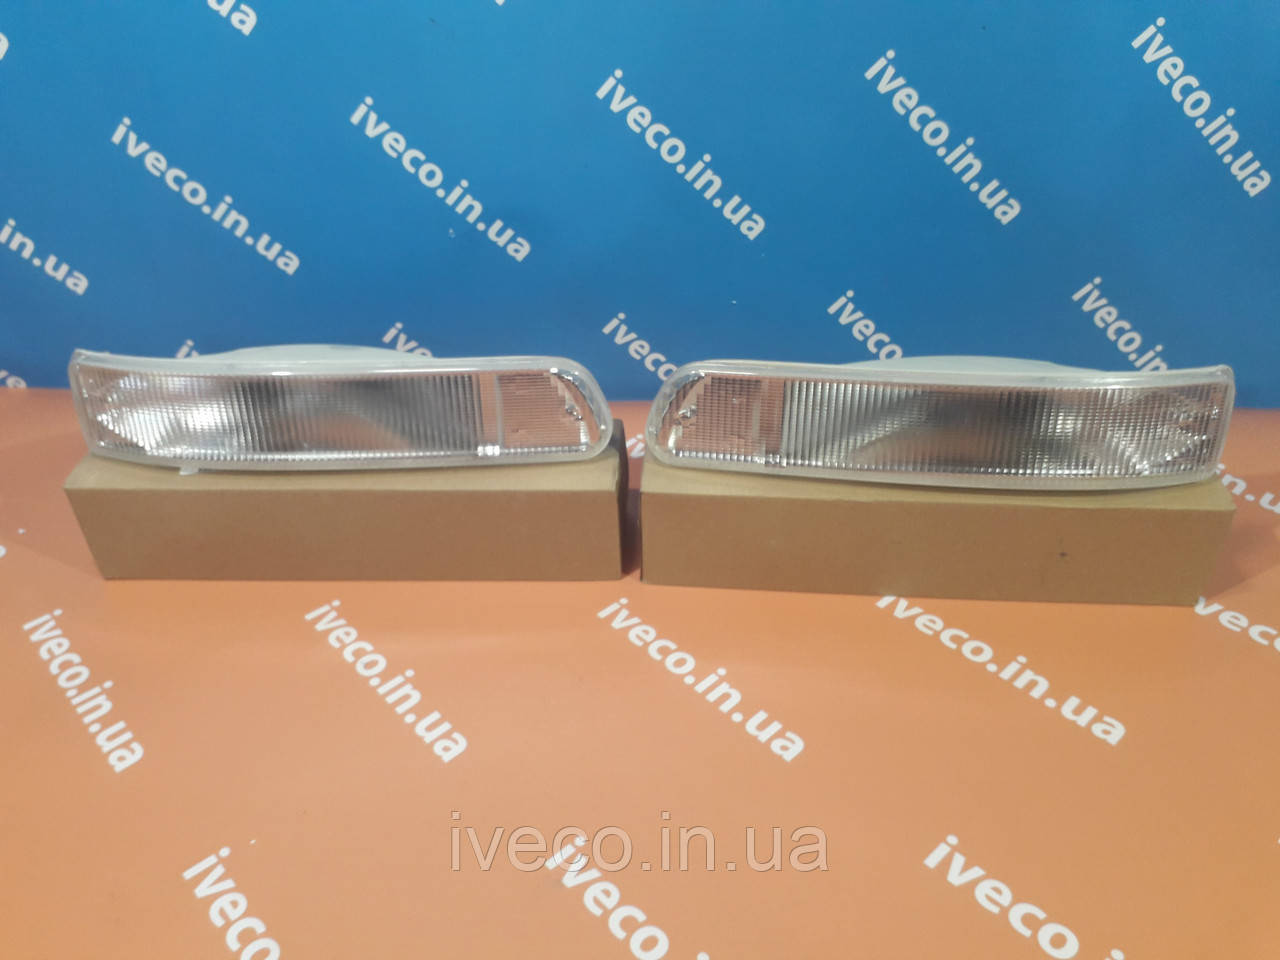 Указатель поворота левый IVECO STRALIS TRAKKER поворотник , повторитель в бампере 41221041 42555023